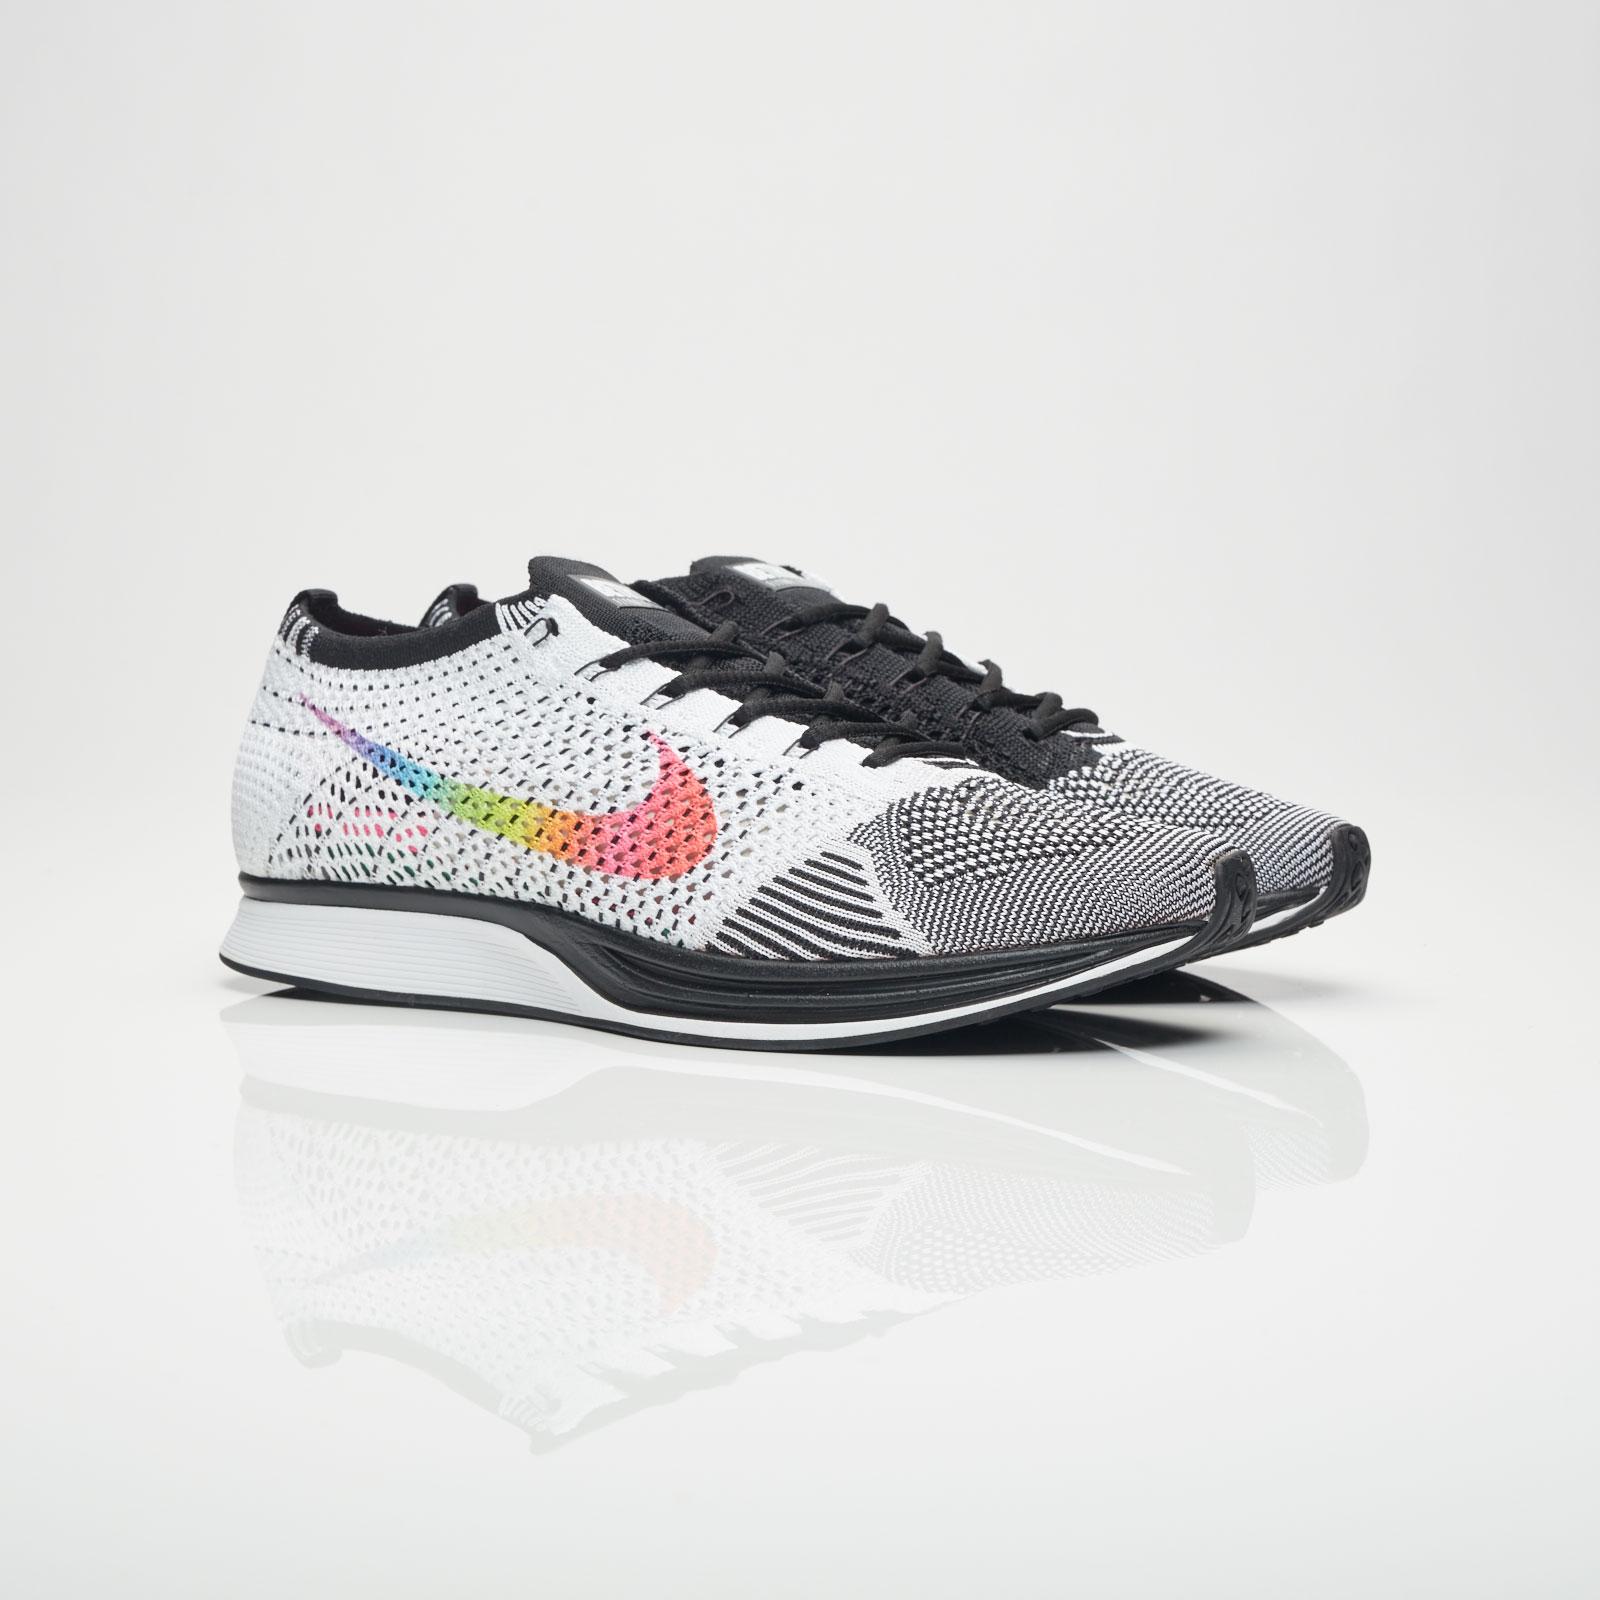 59cfaf71012 Nike Flyknit Racer BETRUE - 902366-100 - Sneakersnstuff